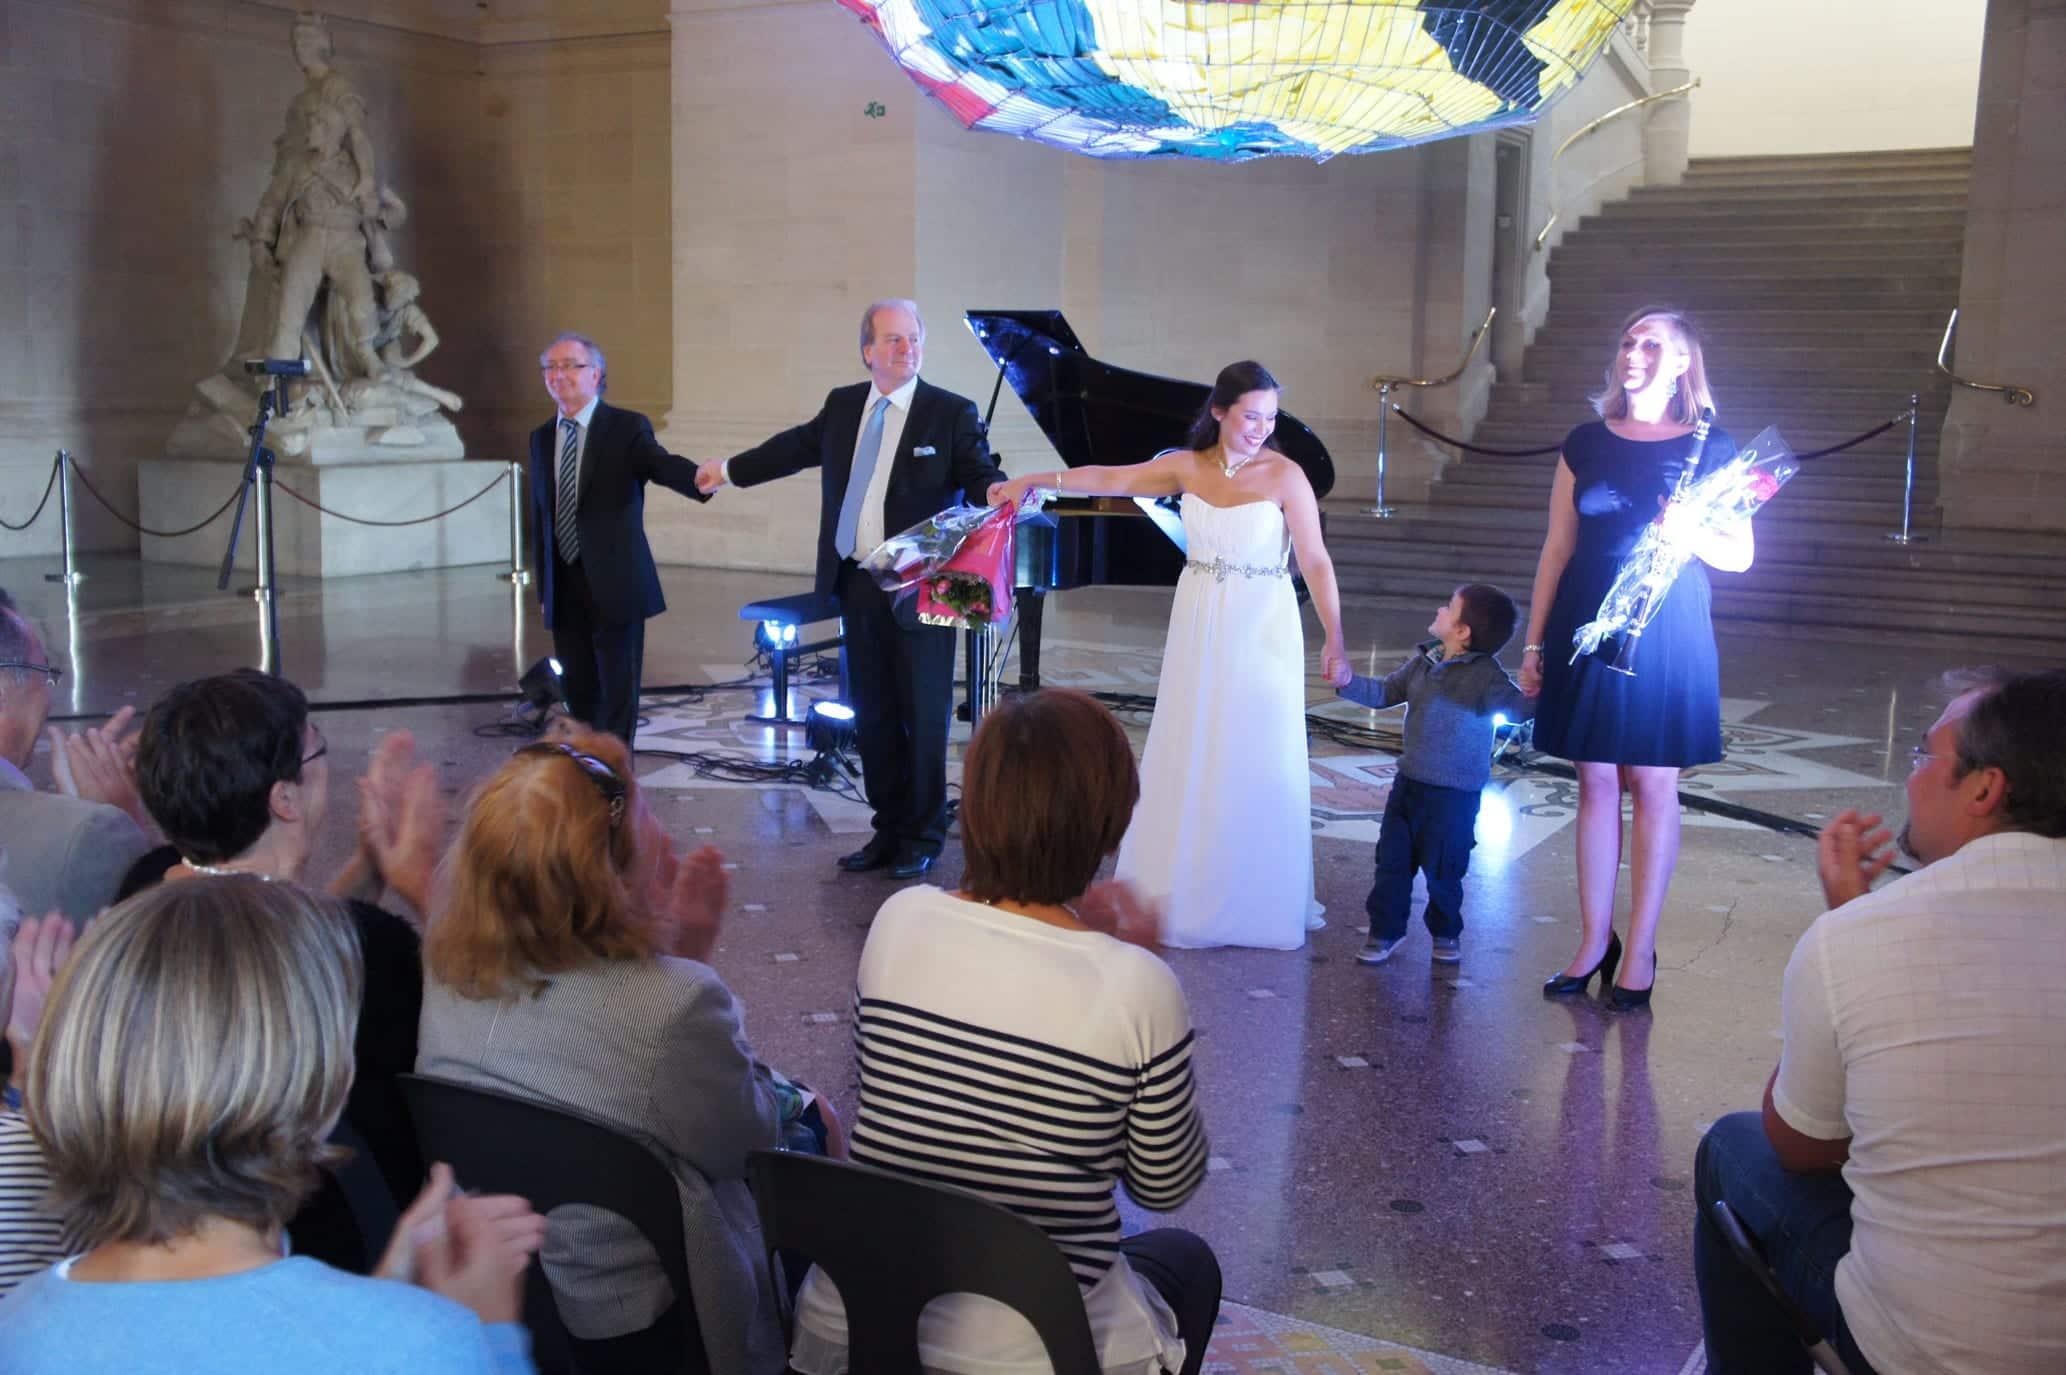 Alain Raës, Denis Simándy, Gabrielle Philiponet et Fanny Vasseur au Festival Clef de Soleil